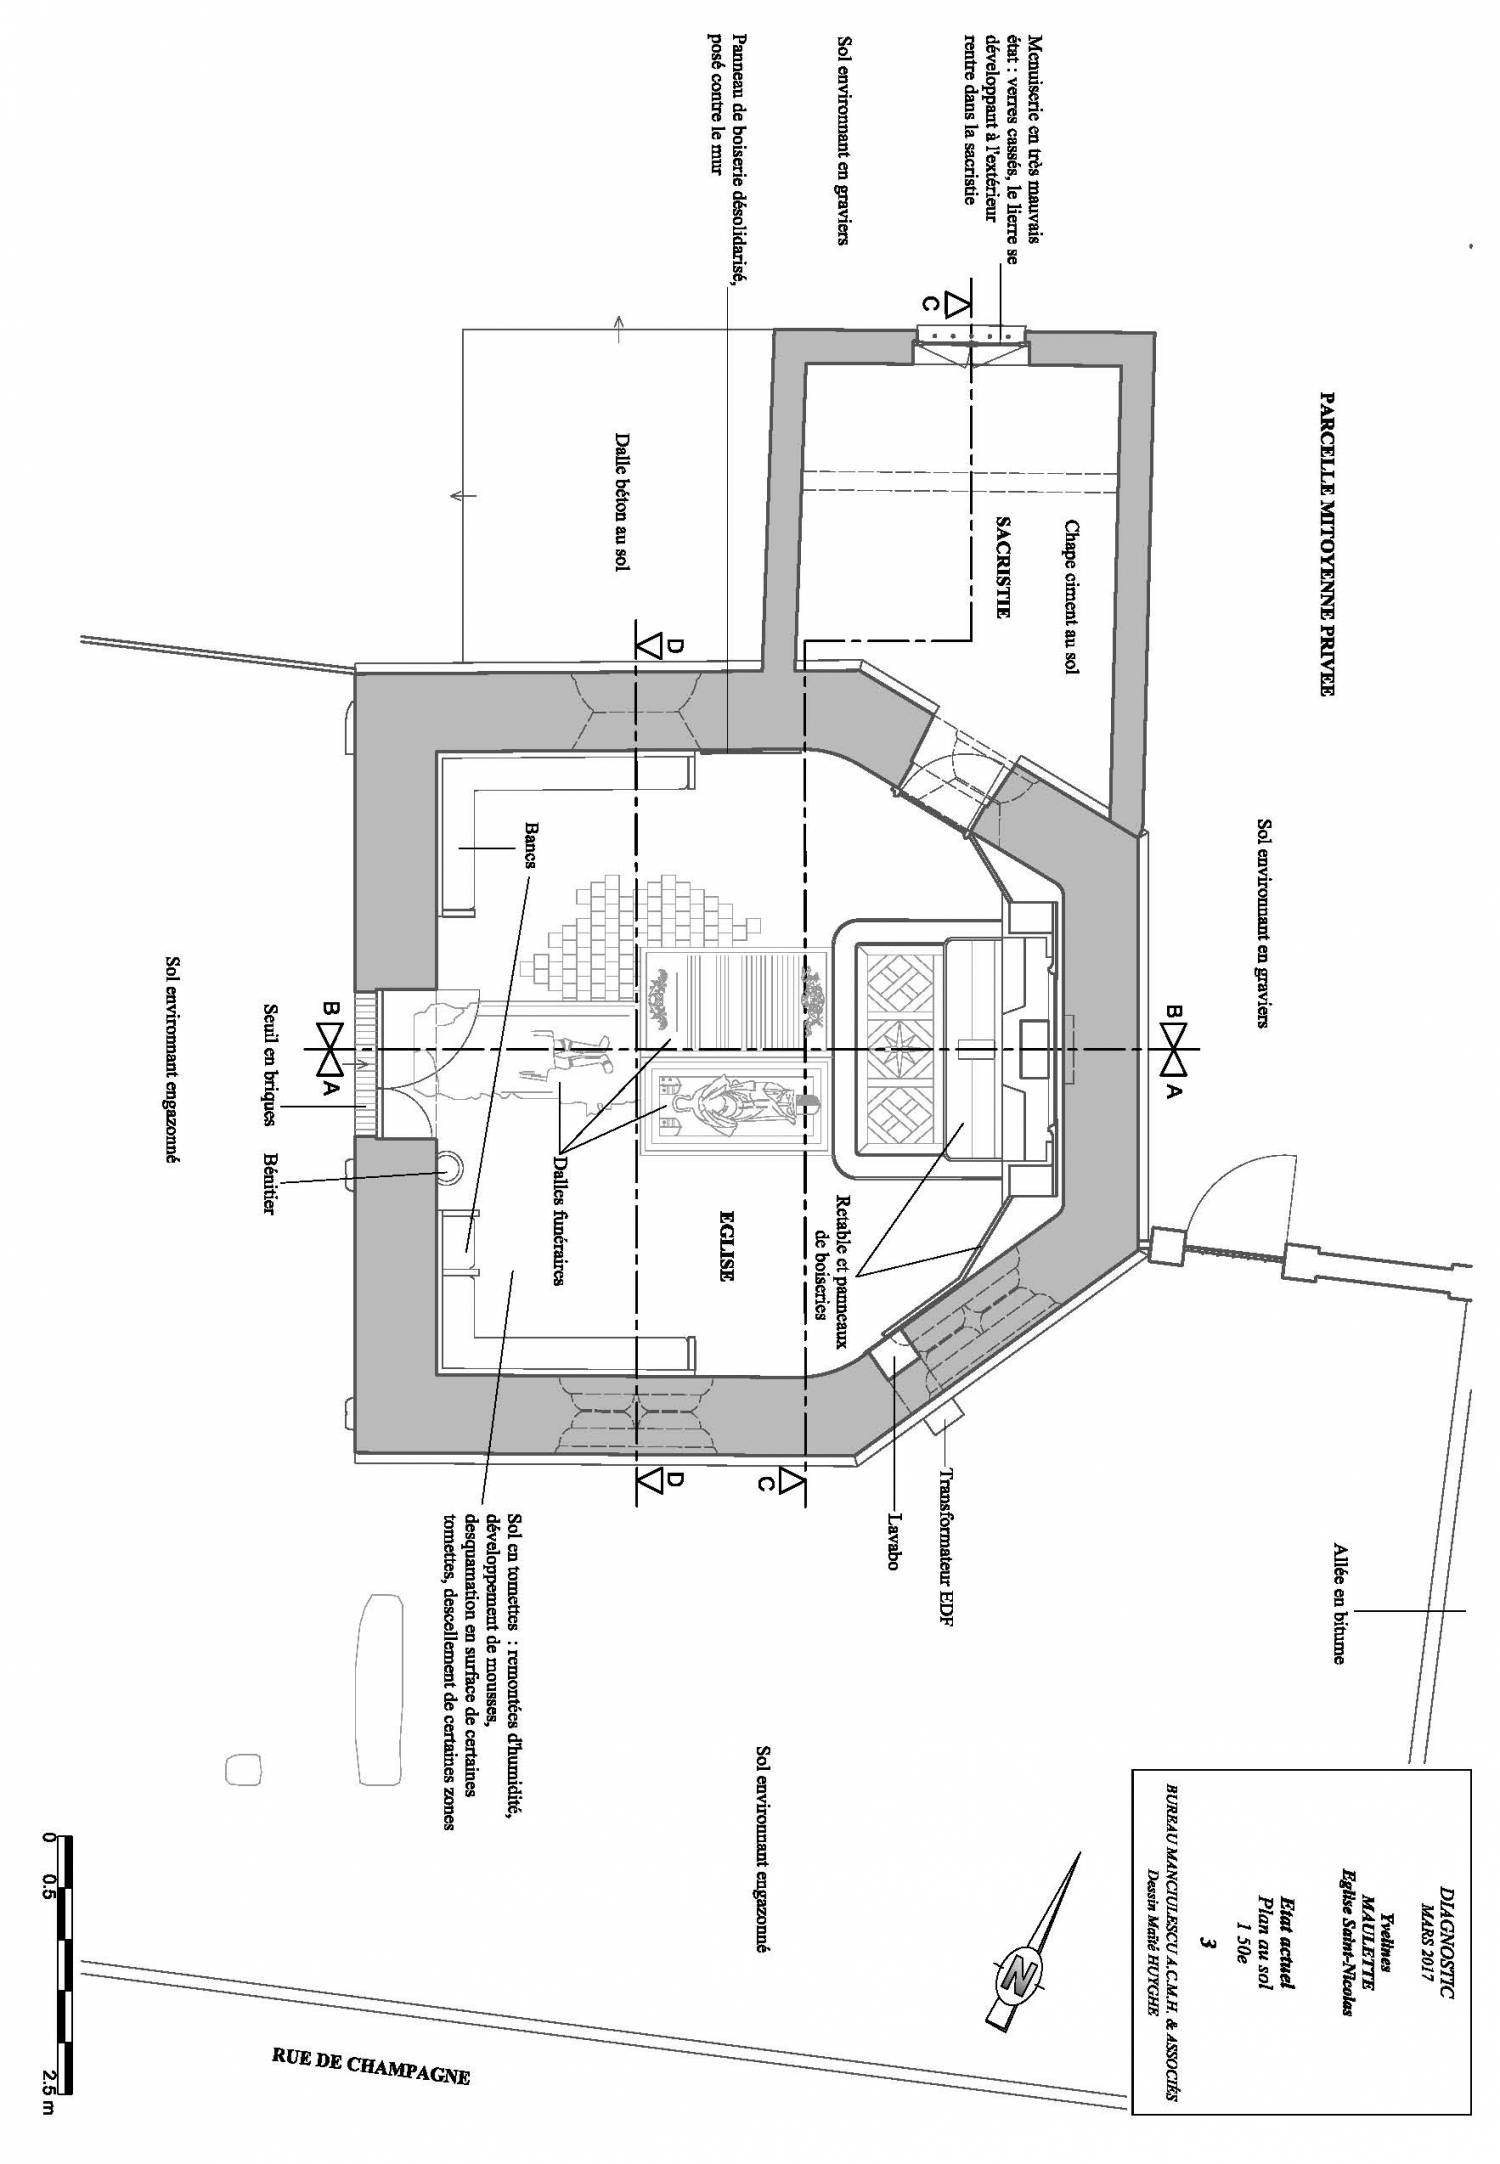 Plan Maulette (78) - chapelle Saint-Nicolas de Thionville-sur-Opton